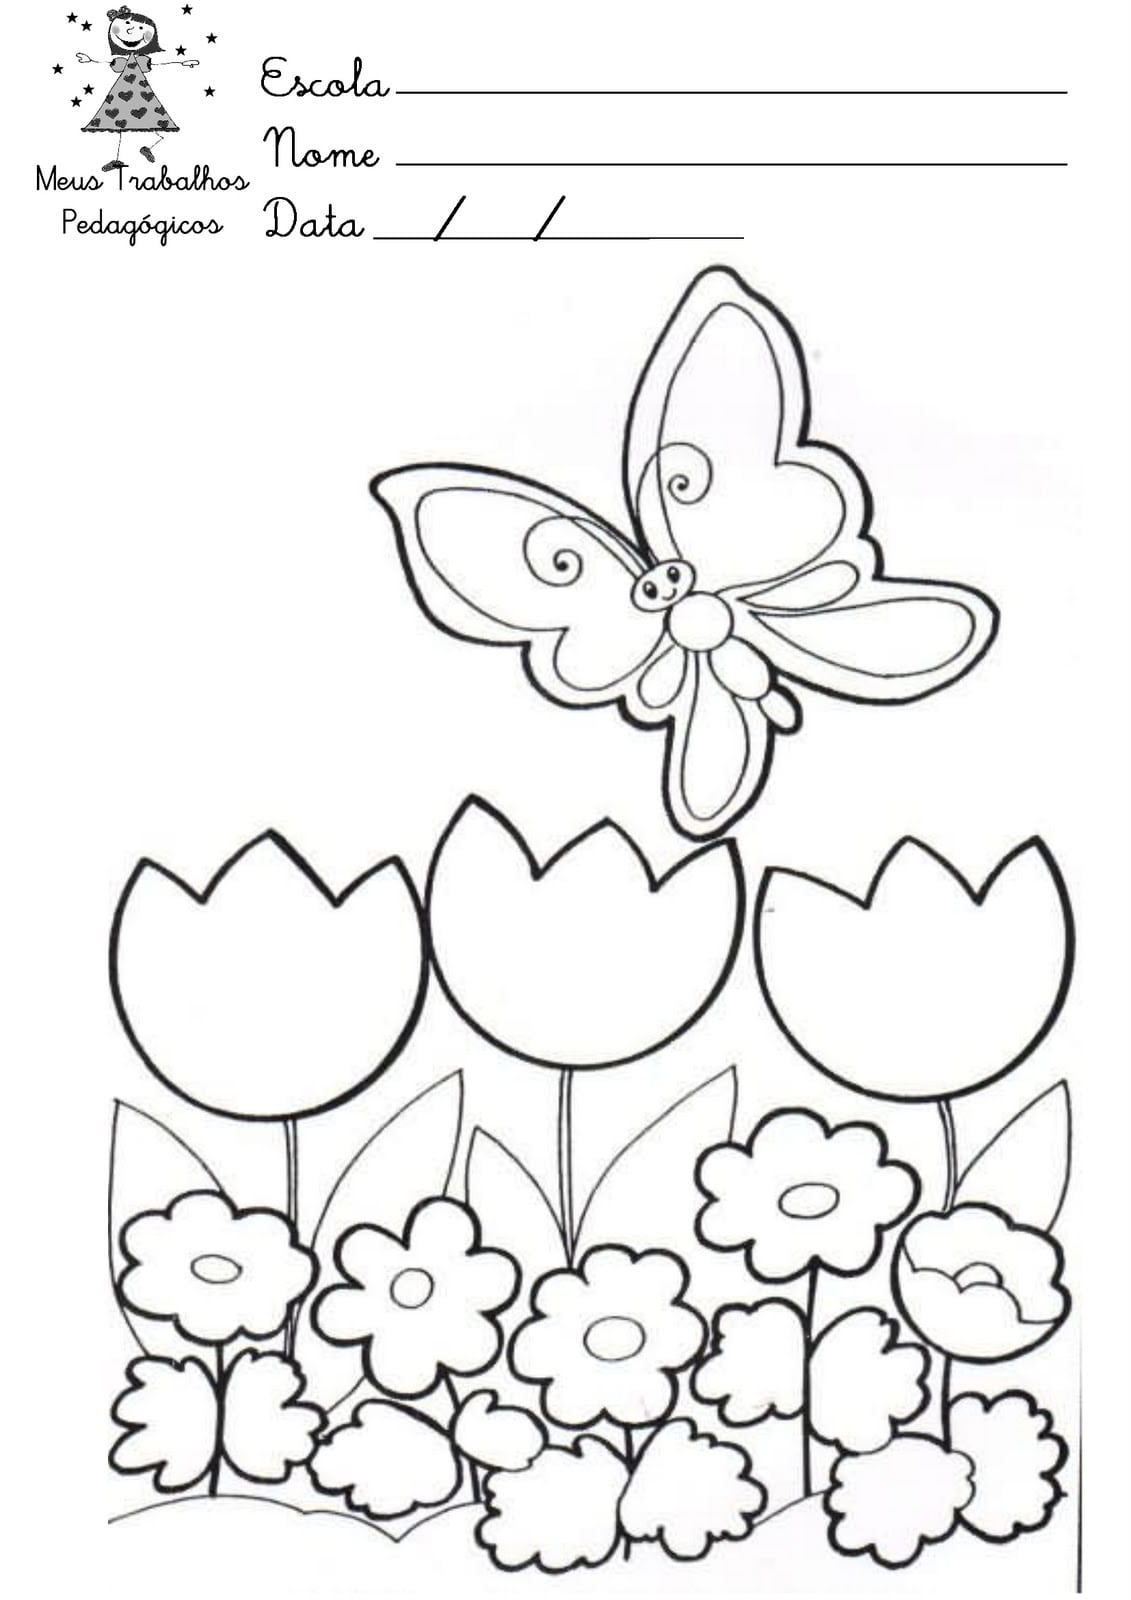 Desenhos Para Colorir E Imprimir Sobre A Primavera – Pampekids Net